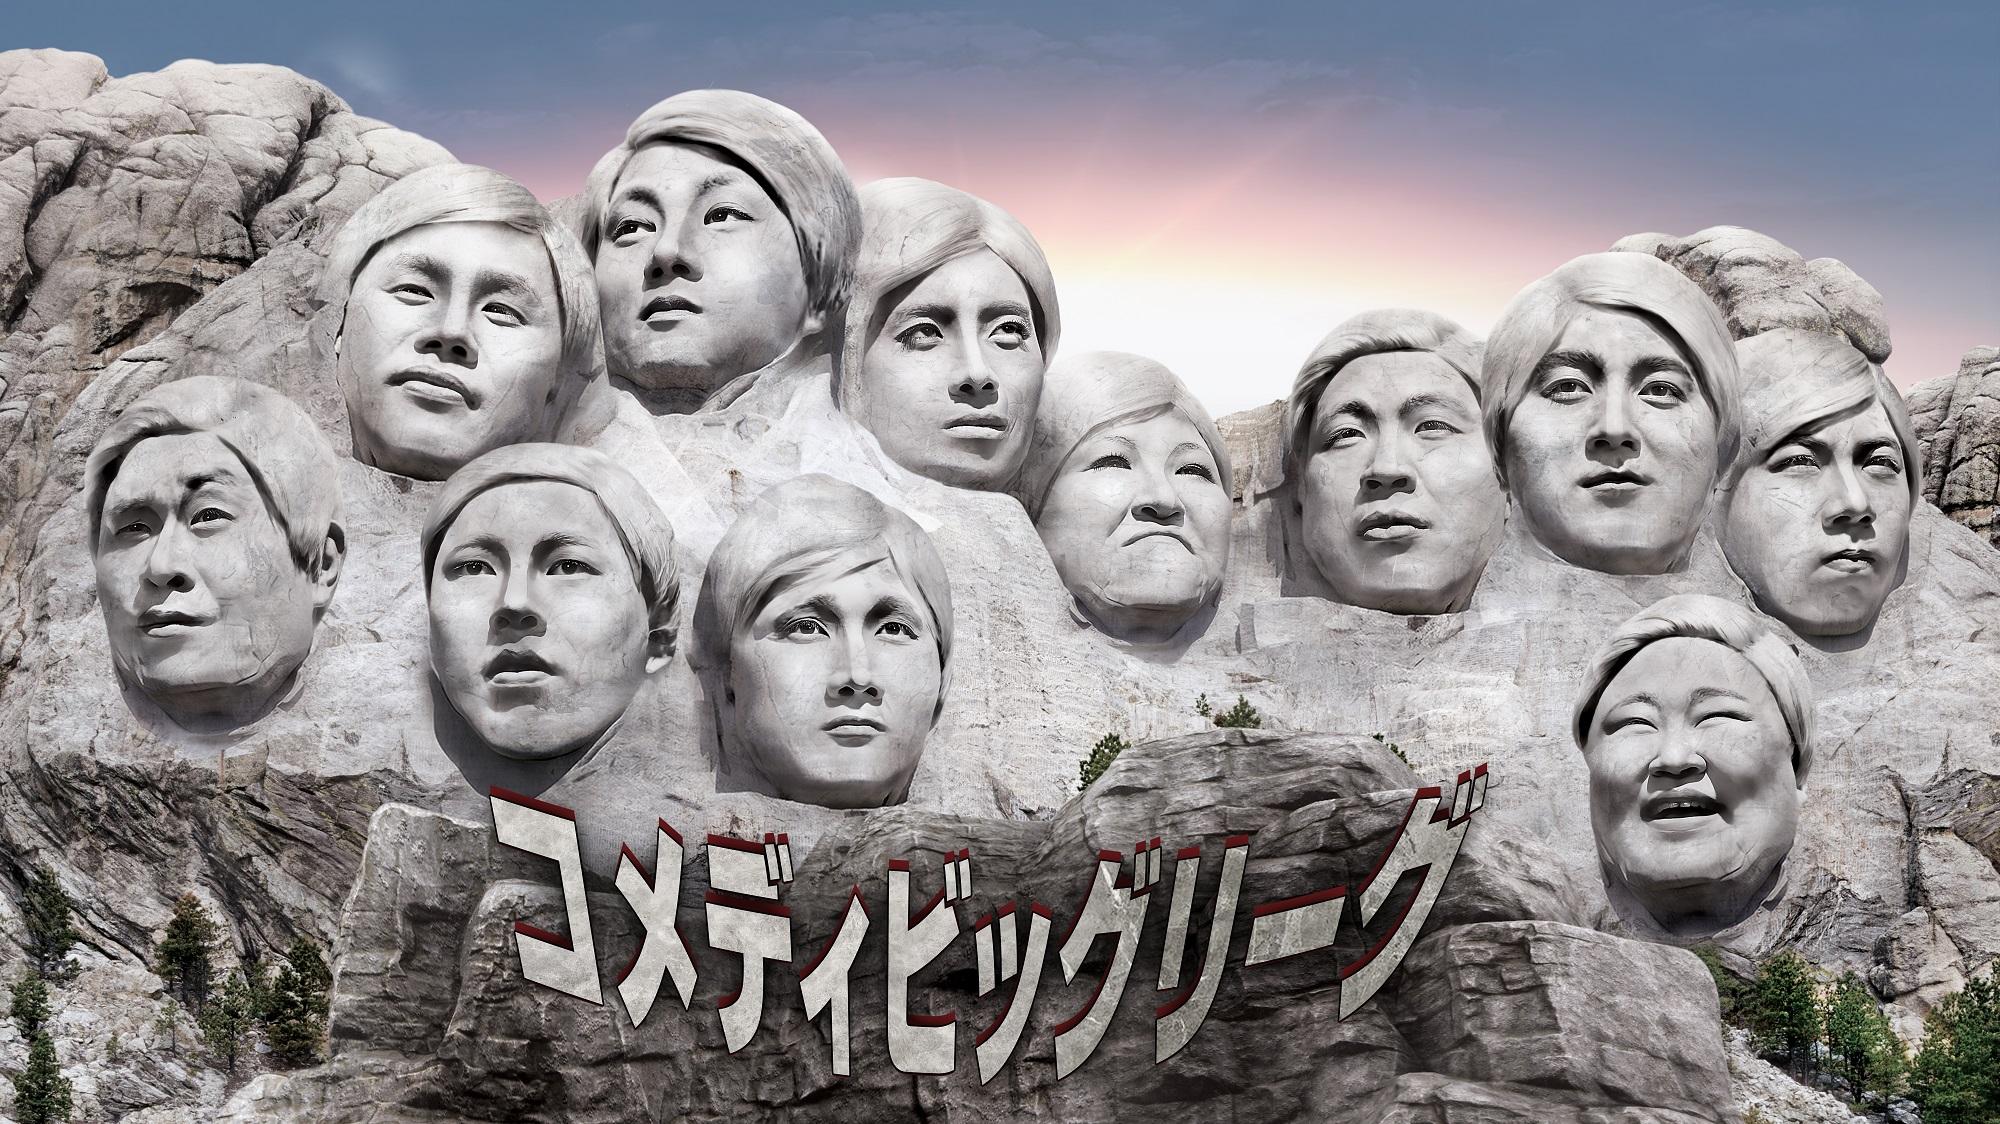 韓国の笑いのトレンド「コメディビッグリーグ」が日本上陸!  「 コメディビッグリーグ セレクト 」   8月はテミン、OH MY GIRL、NU'ESTなど 人気アーティスト出演回を日本初オンエア!